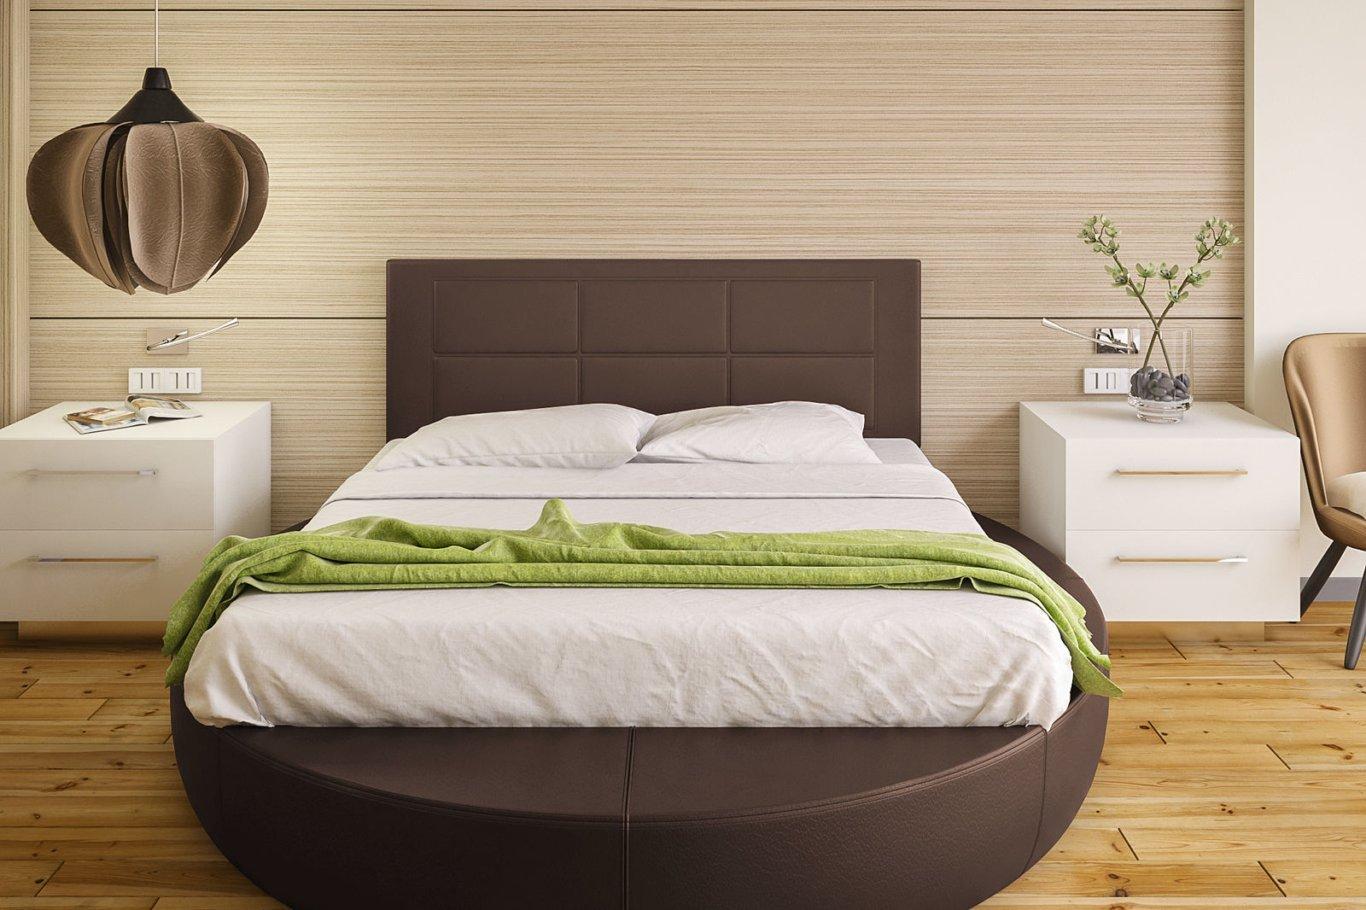 Hogar24-Cabecero Cama tapizado 155 x 55 x 3,0 cm, válido para Cama ...